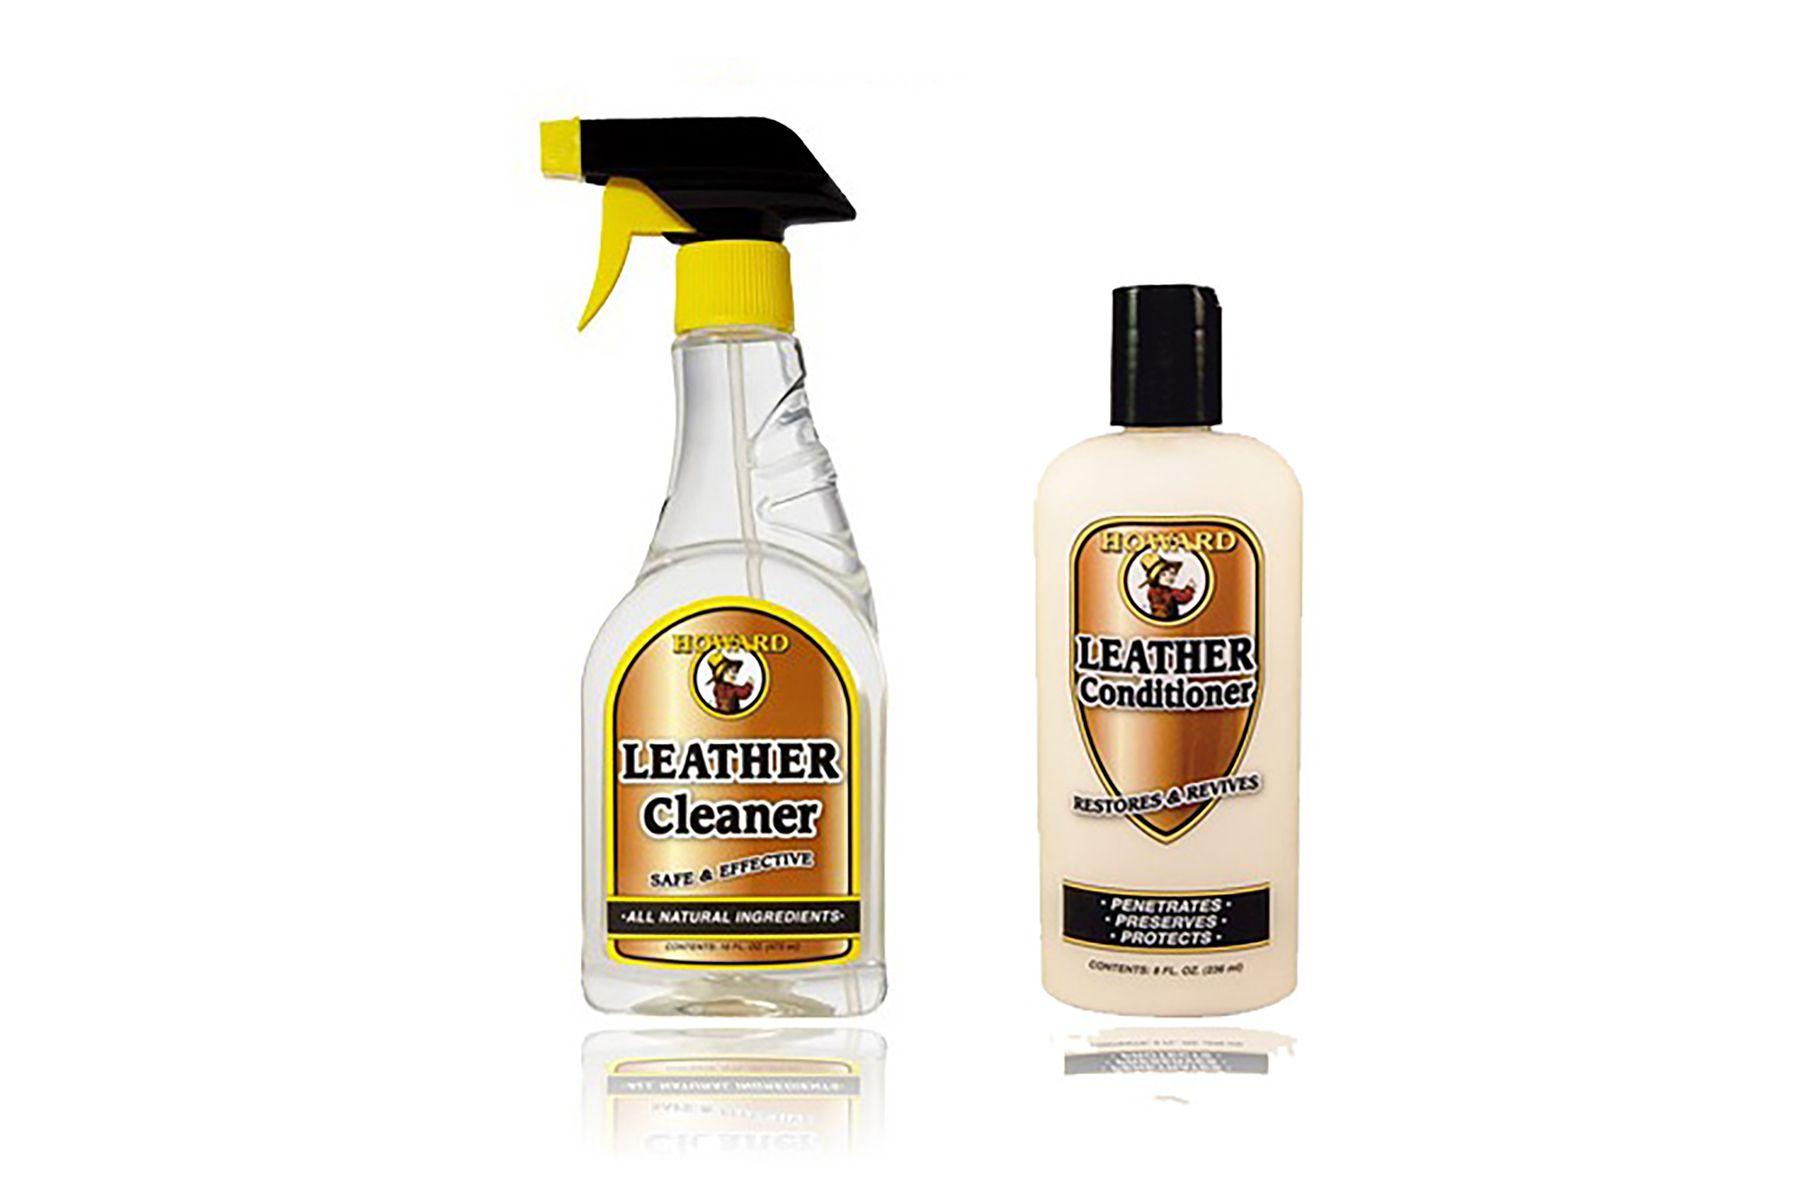 Mua dung dịch giặt khô chuyên dụng để giặt khô áo da